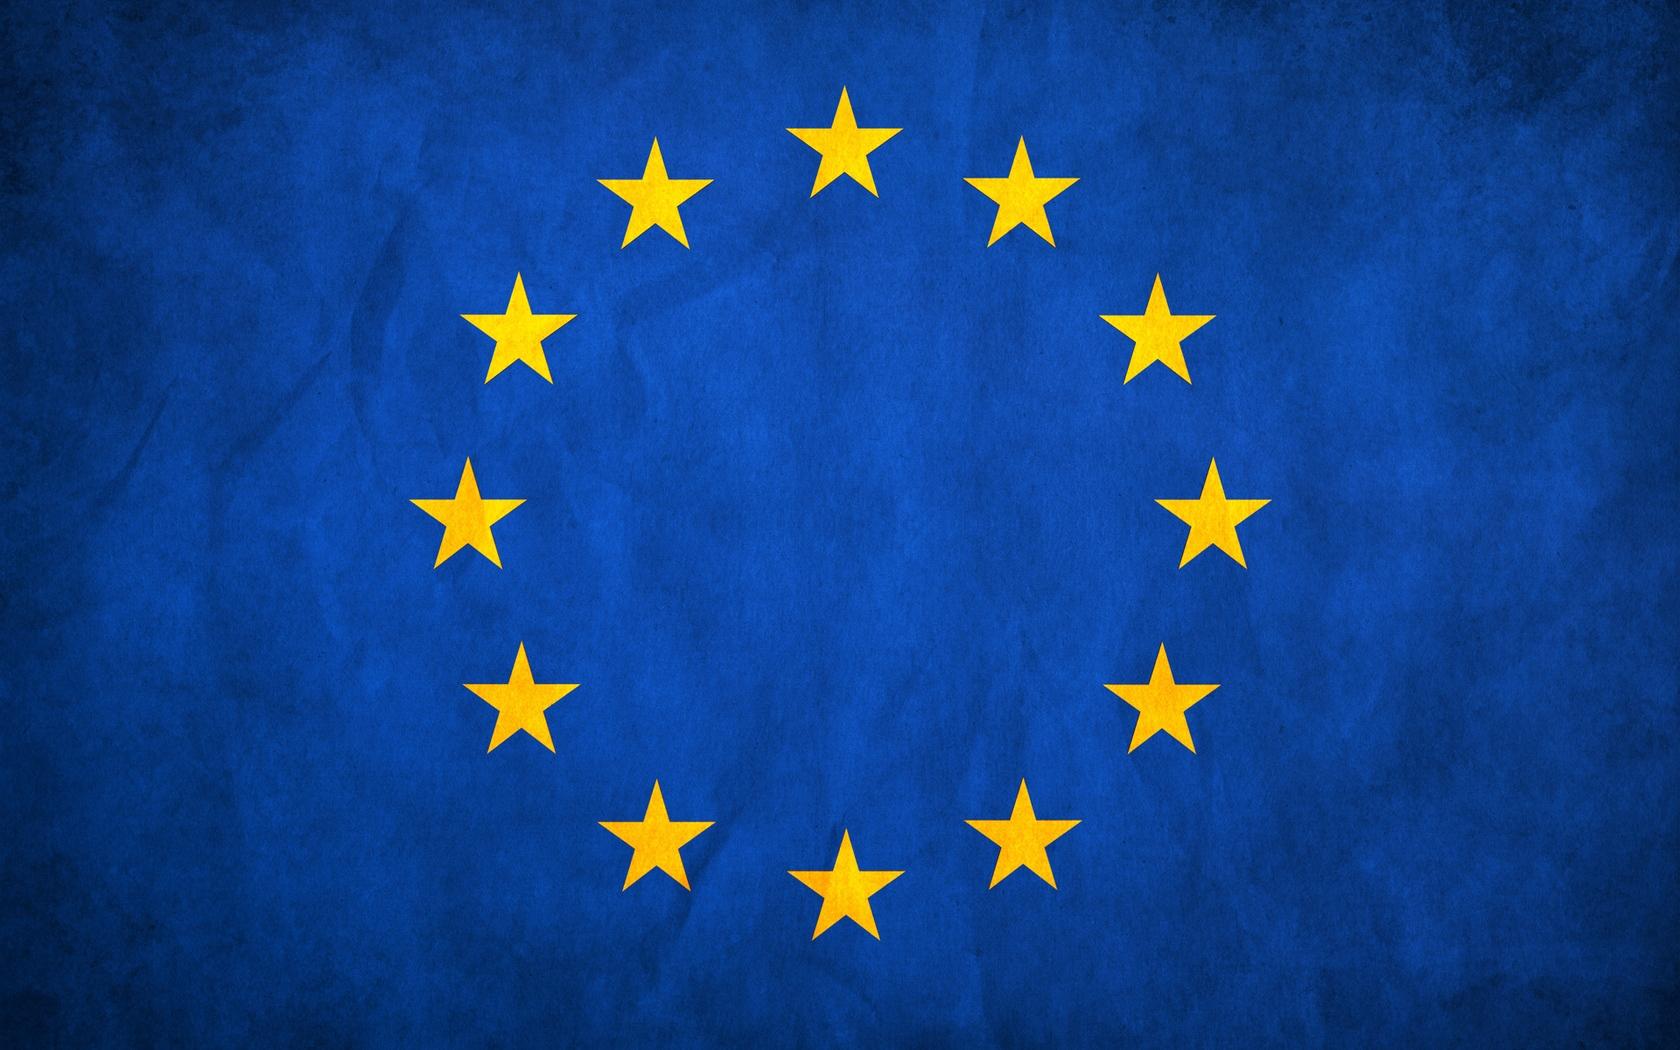 European Union Flag Stars Europe Texture   Stock Photos 1680x1050